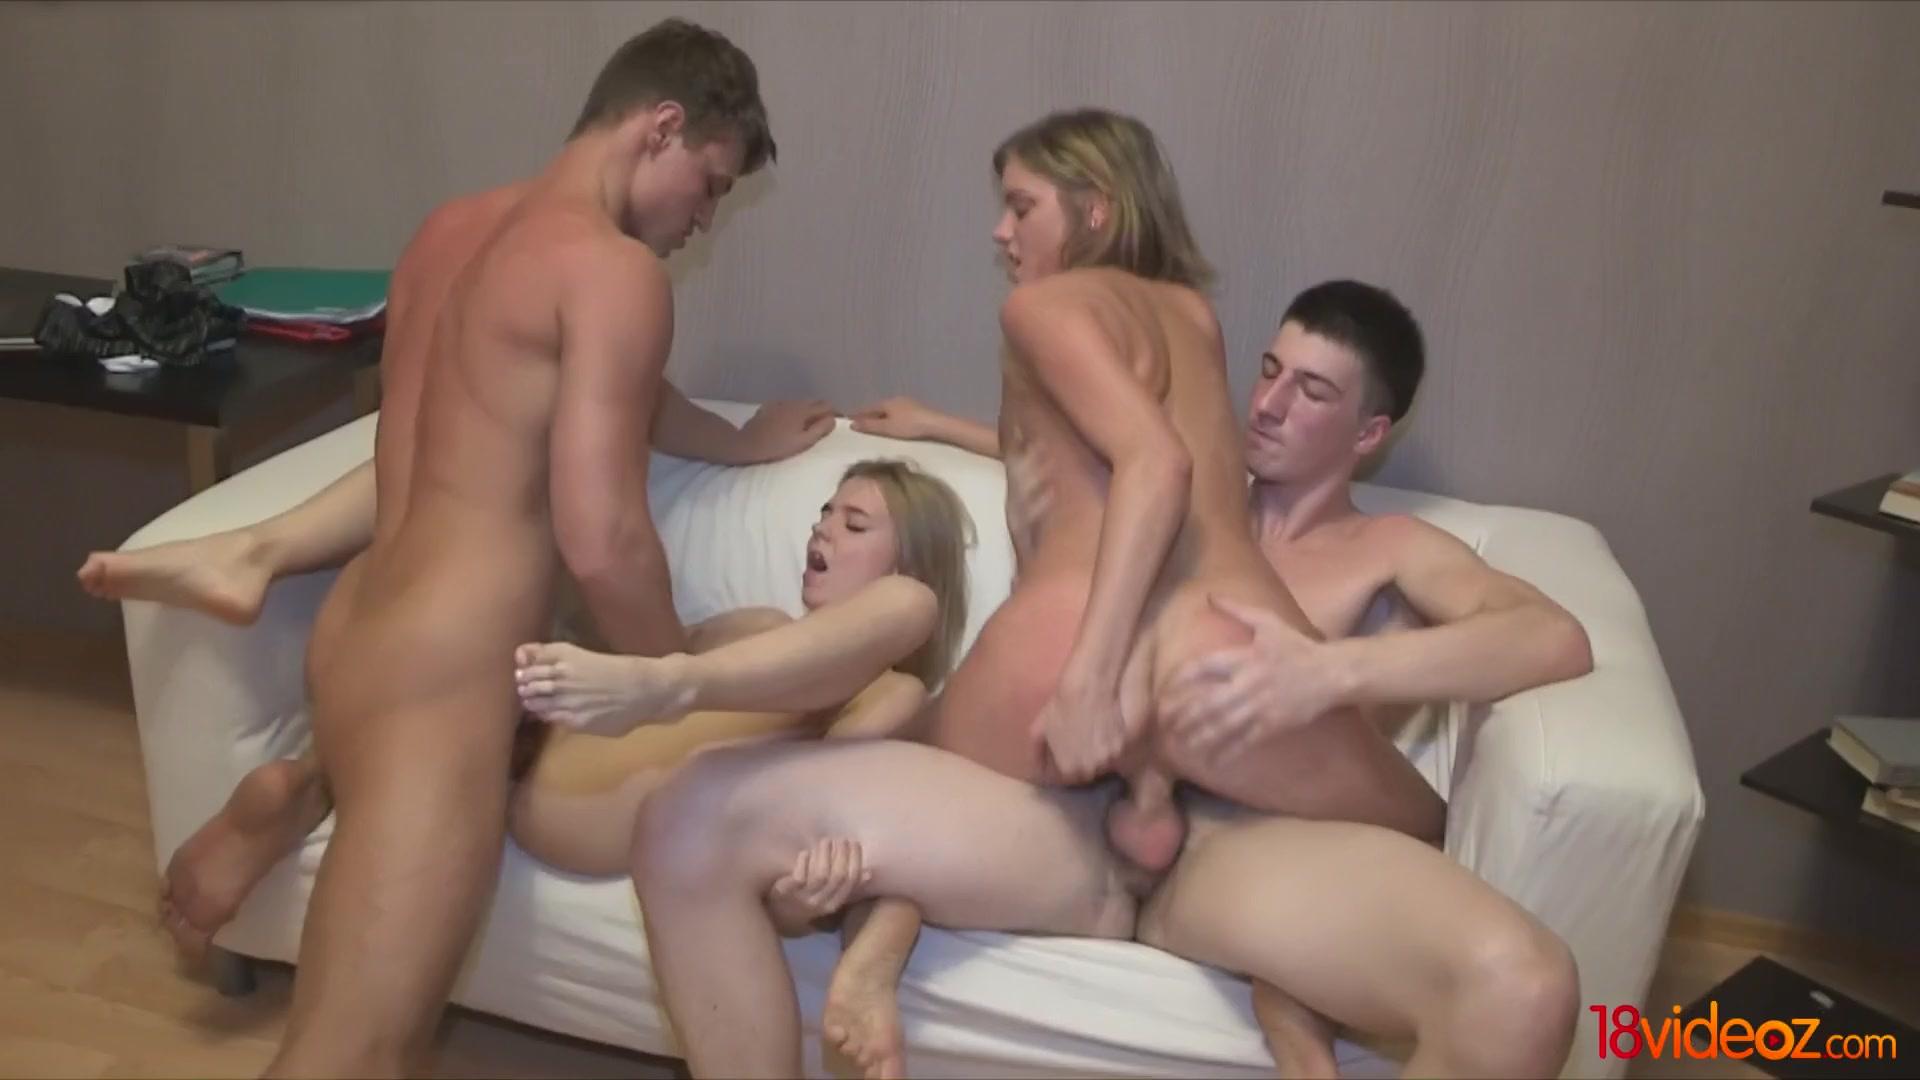 Порно групповуха русской молодежи